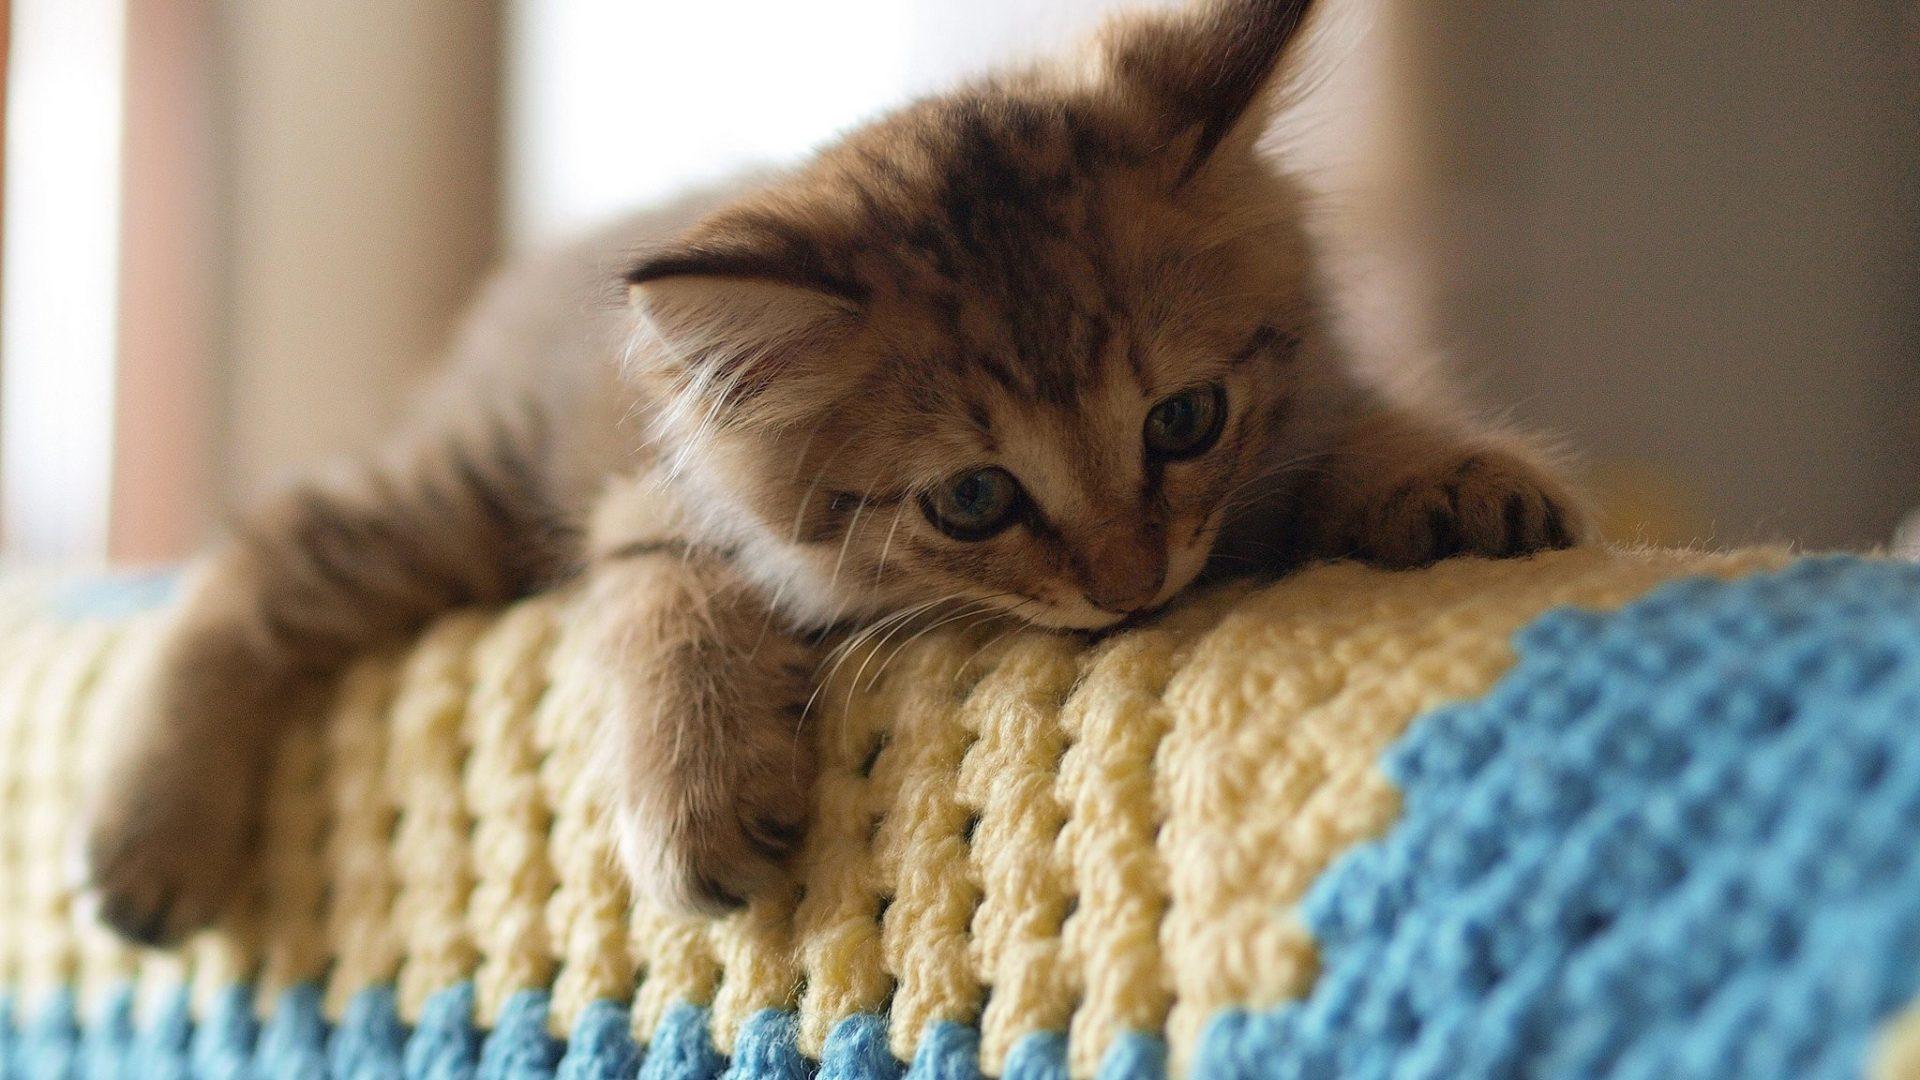 صورة اجمل الصور للقطط في العالم , لعشاق القطط اليك اجمل صور للقطط بجميع انواعها 1367 2